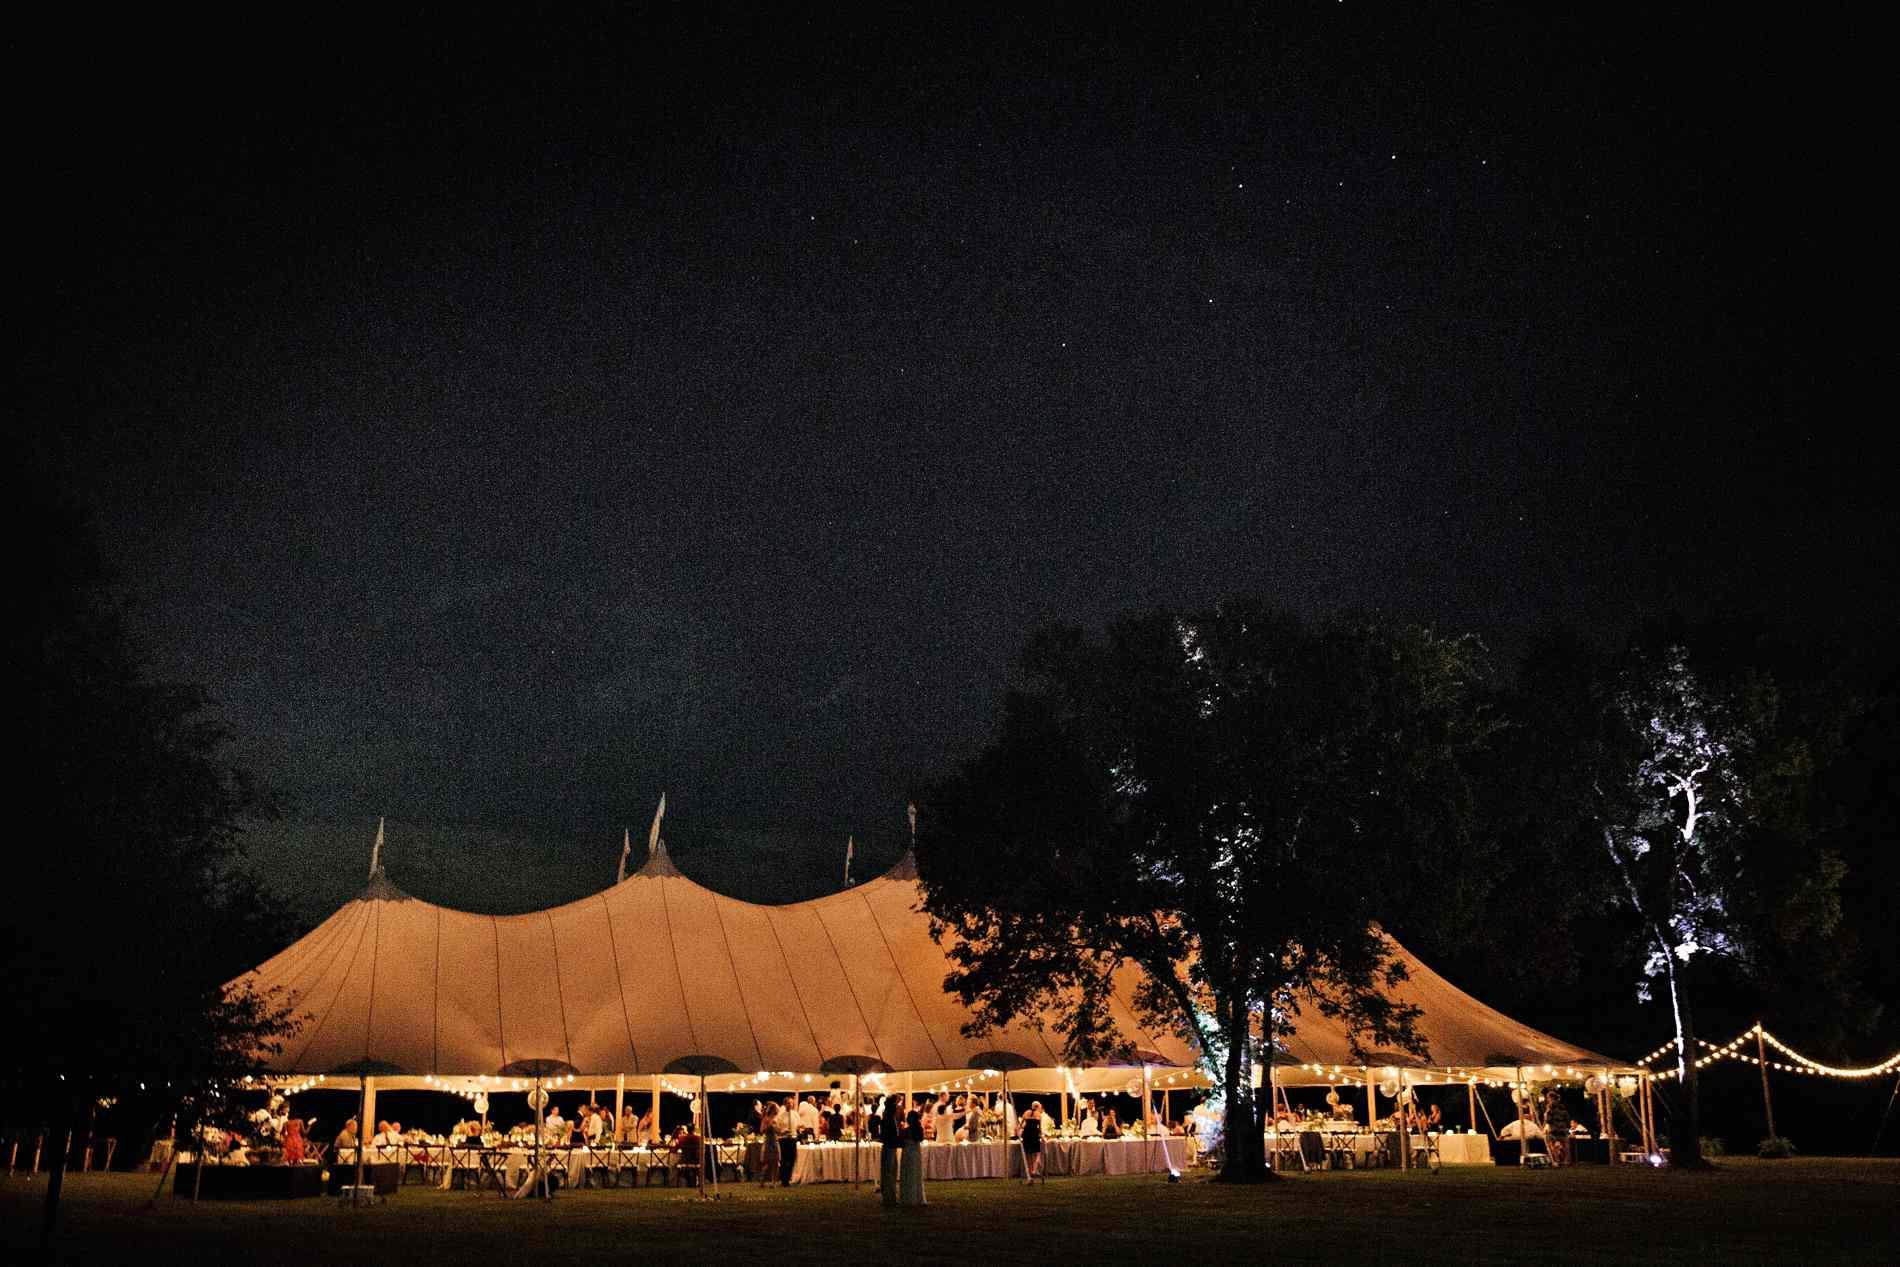 Reception venue at night